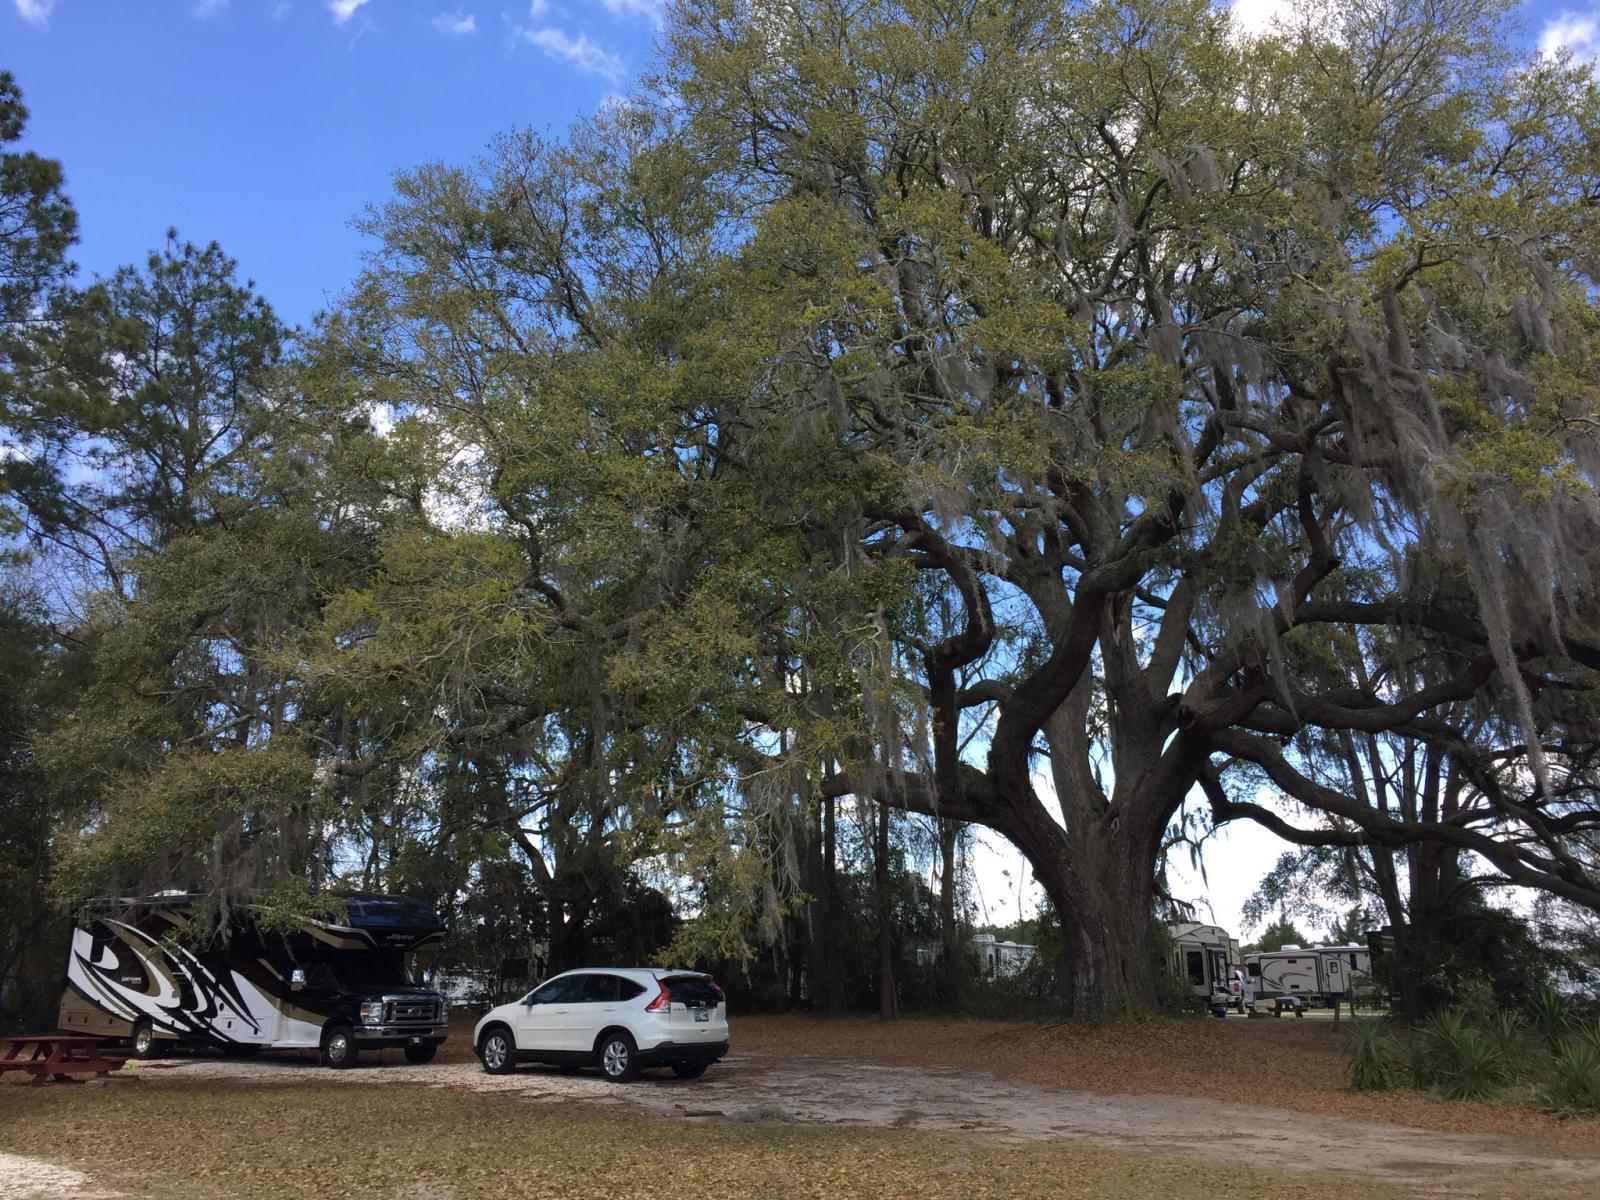 Red Gate RV Park, Savannah GA